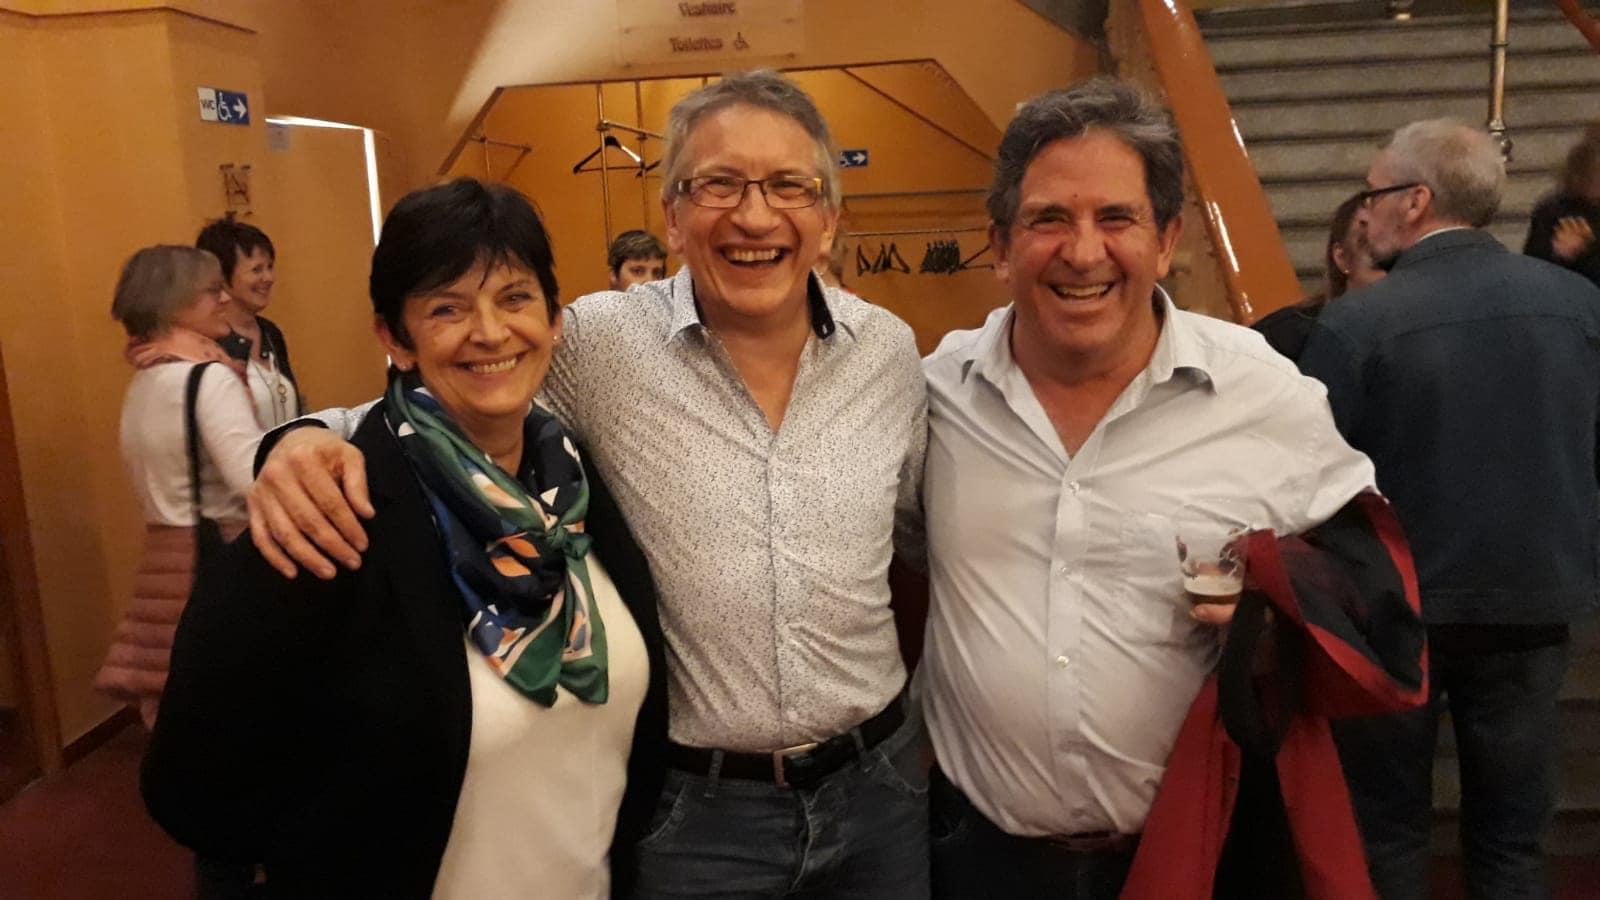 Avec Brigitte et Bernard - Le 26 avril 2019